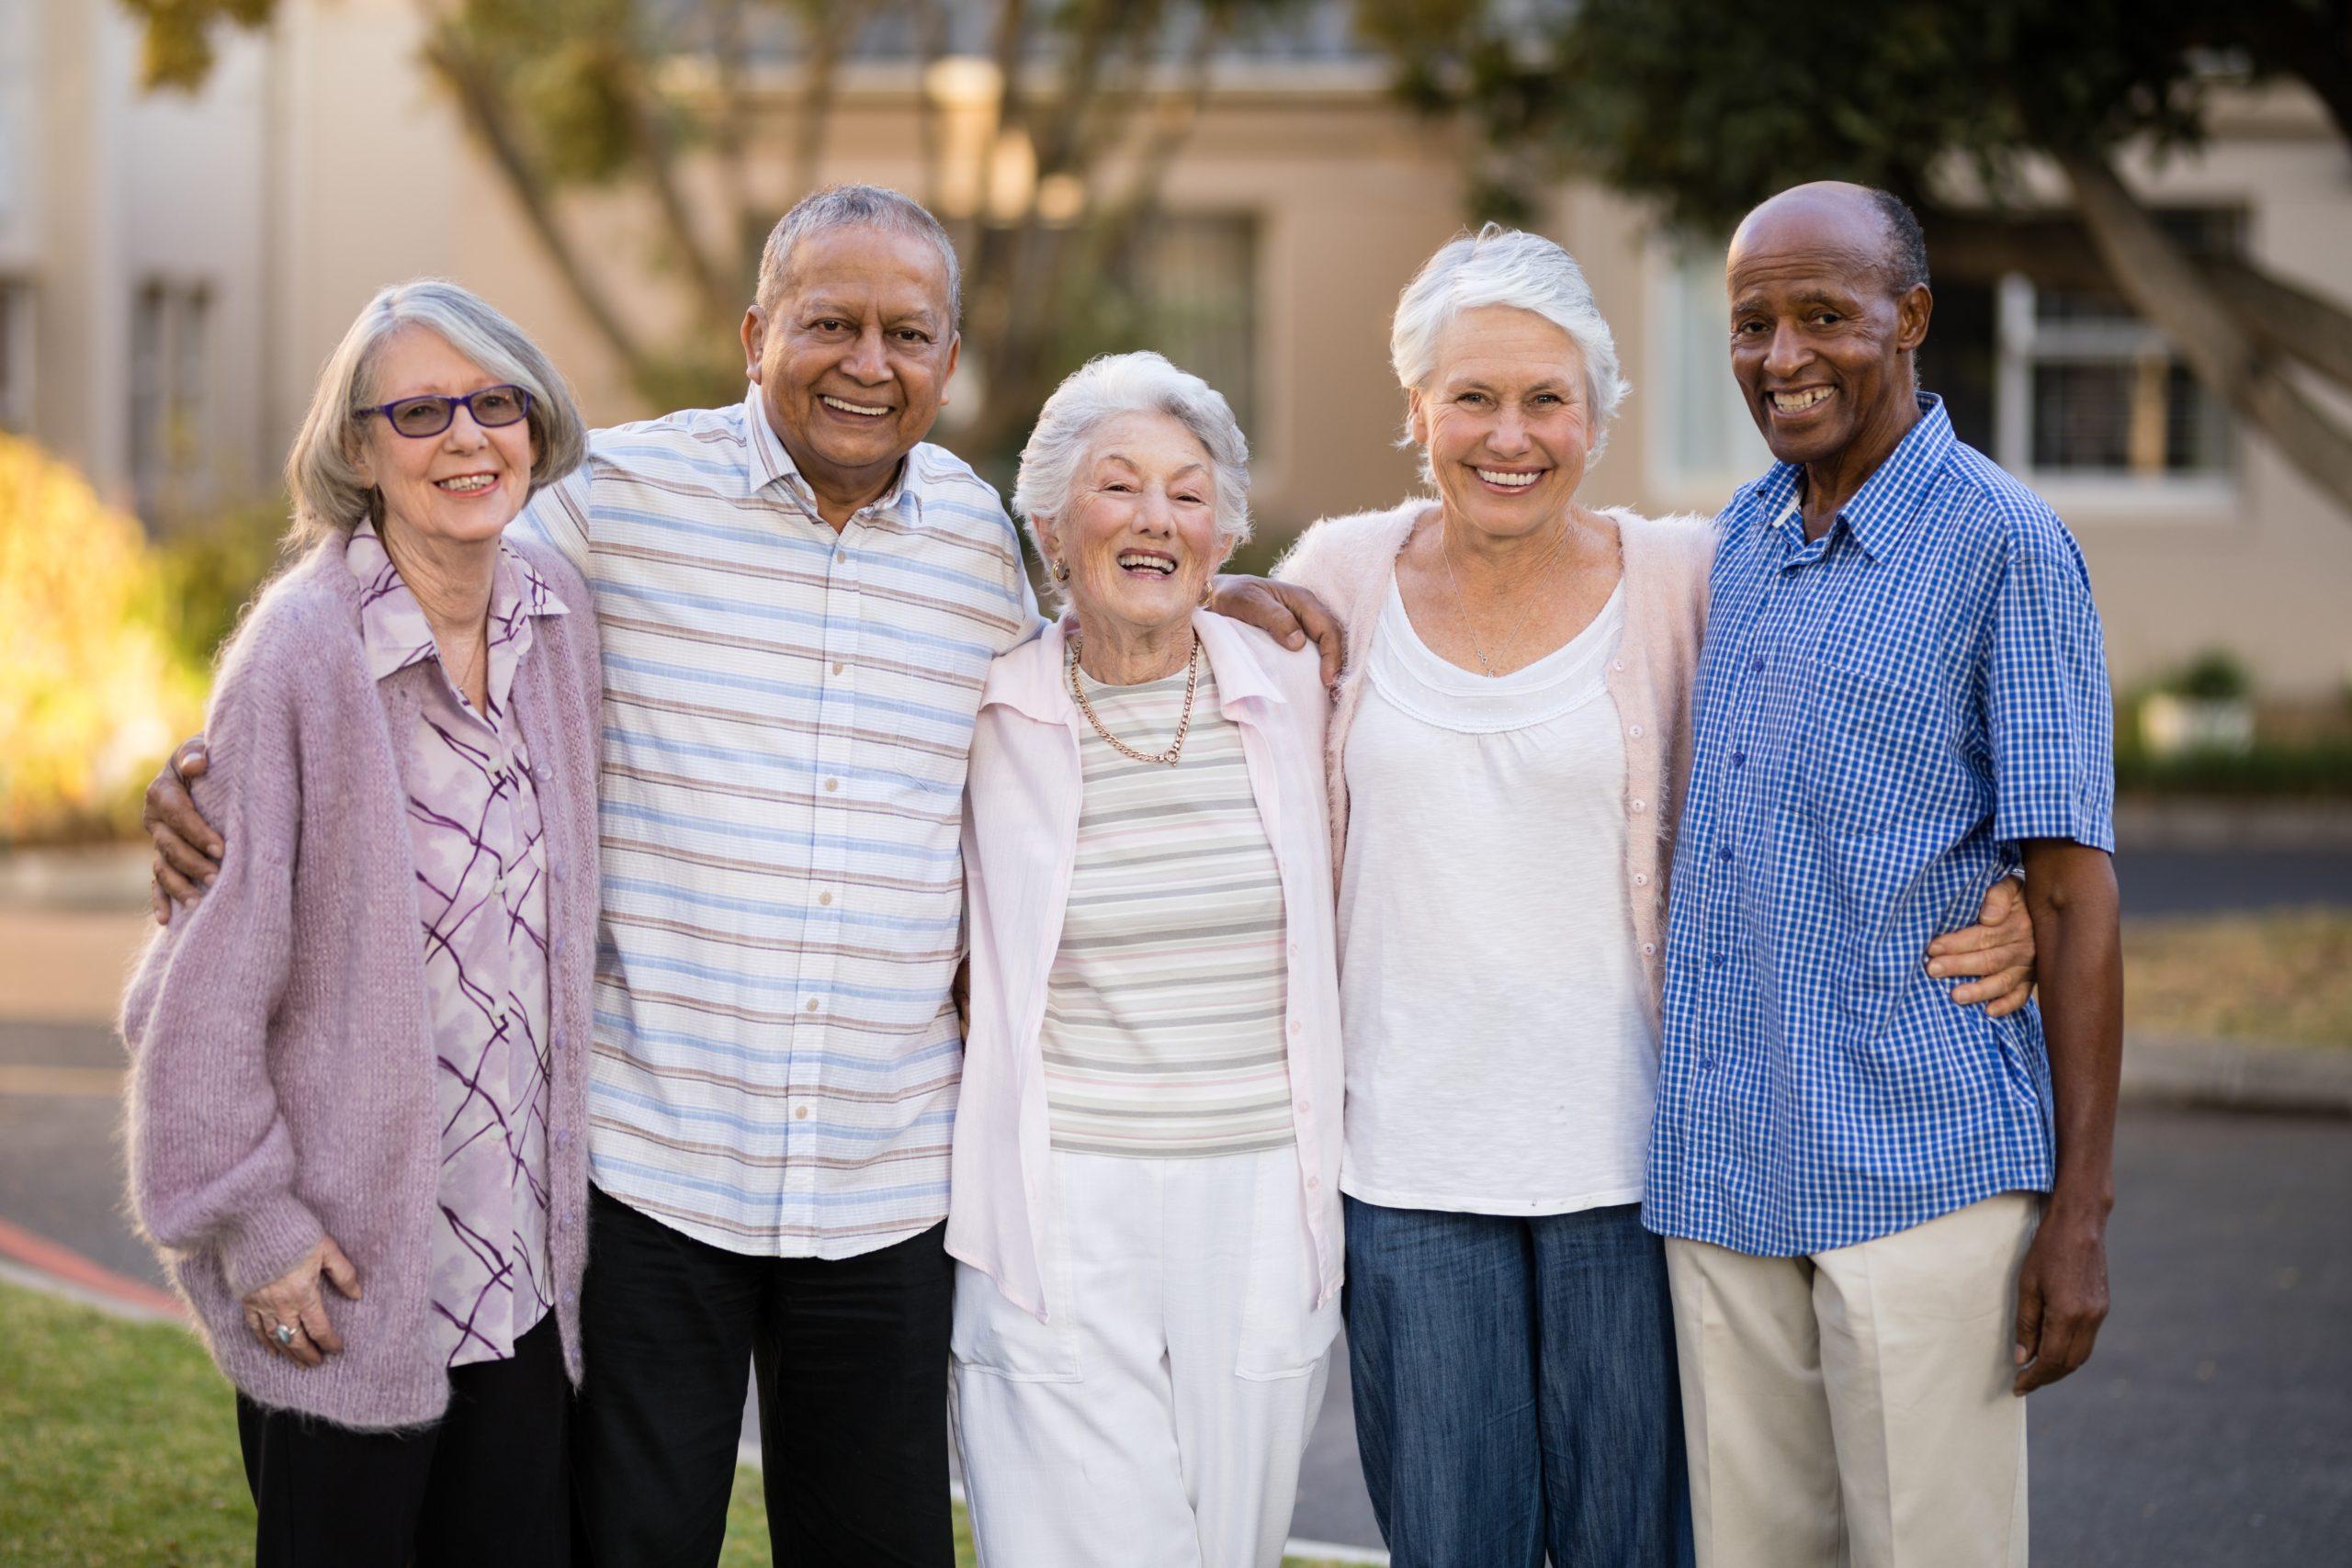 Grupo gente mayor feliz